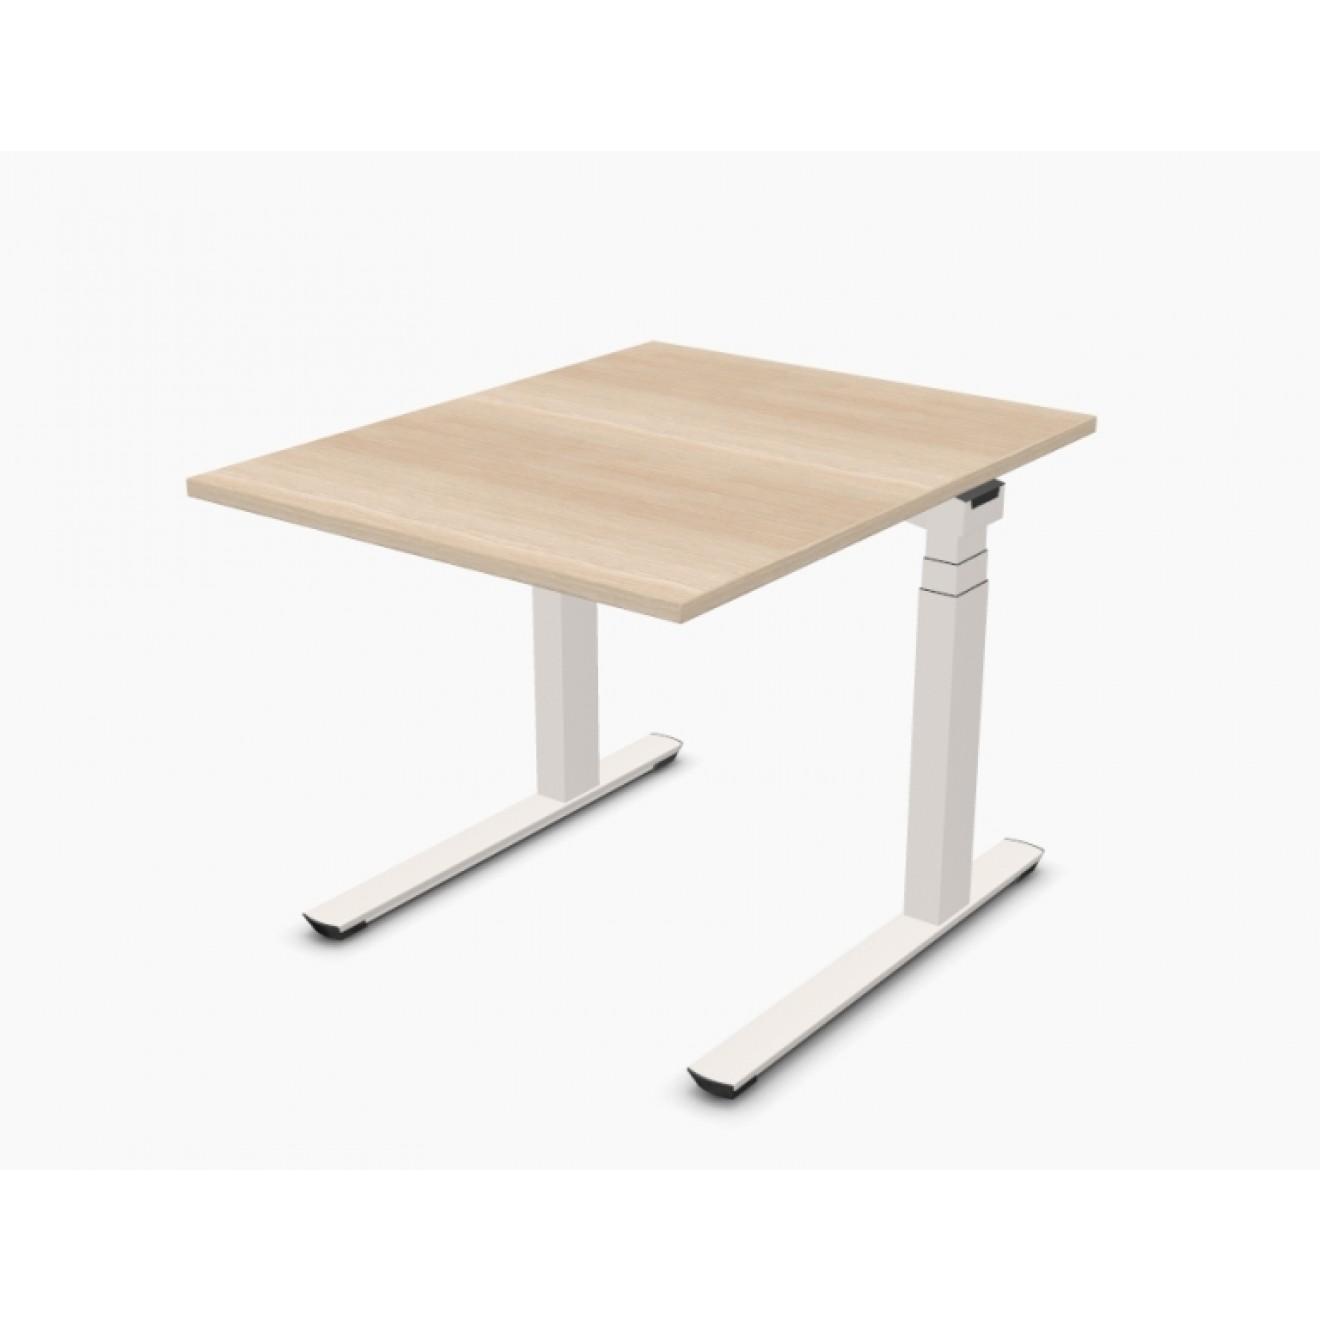 Schreibtisch stehtisch - Stehtisch buro selber bauen ...